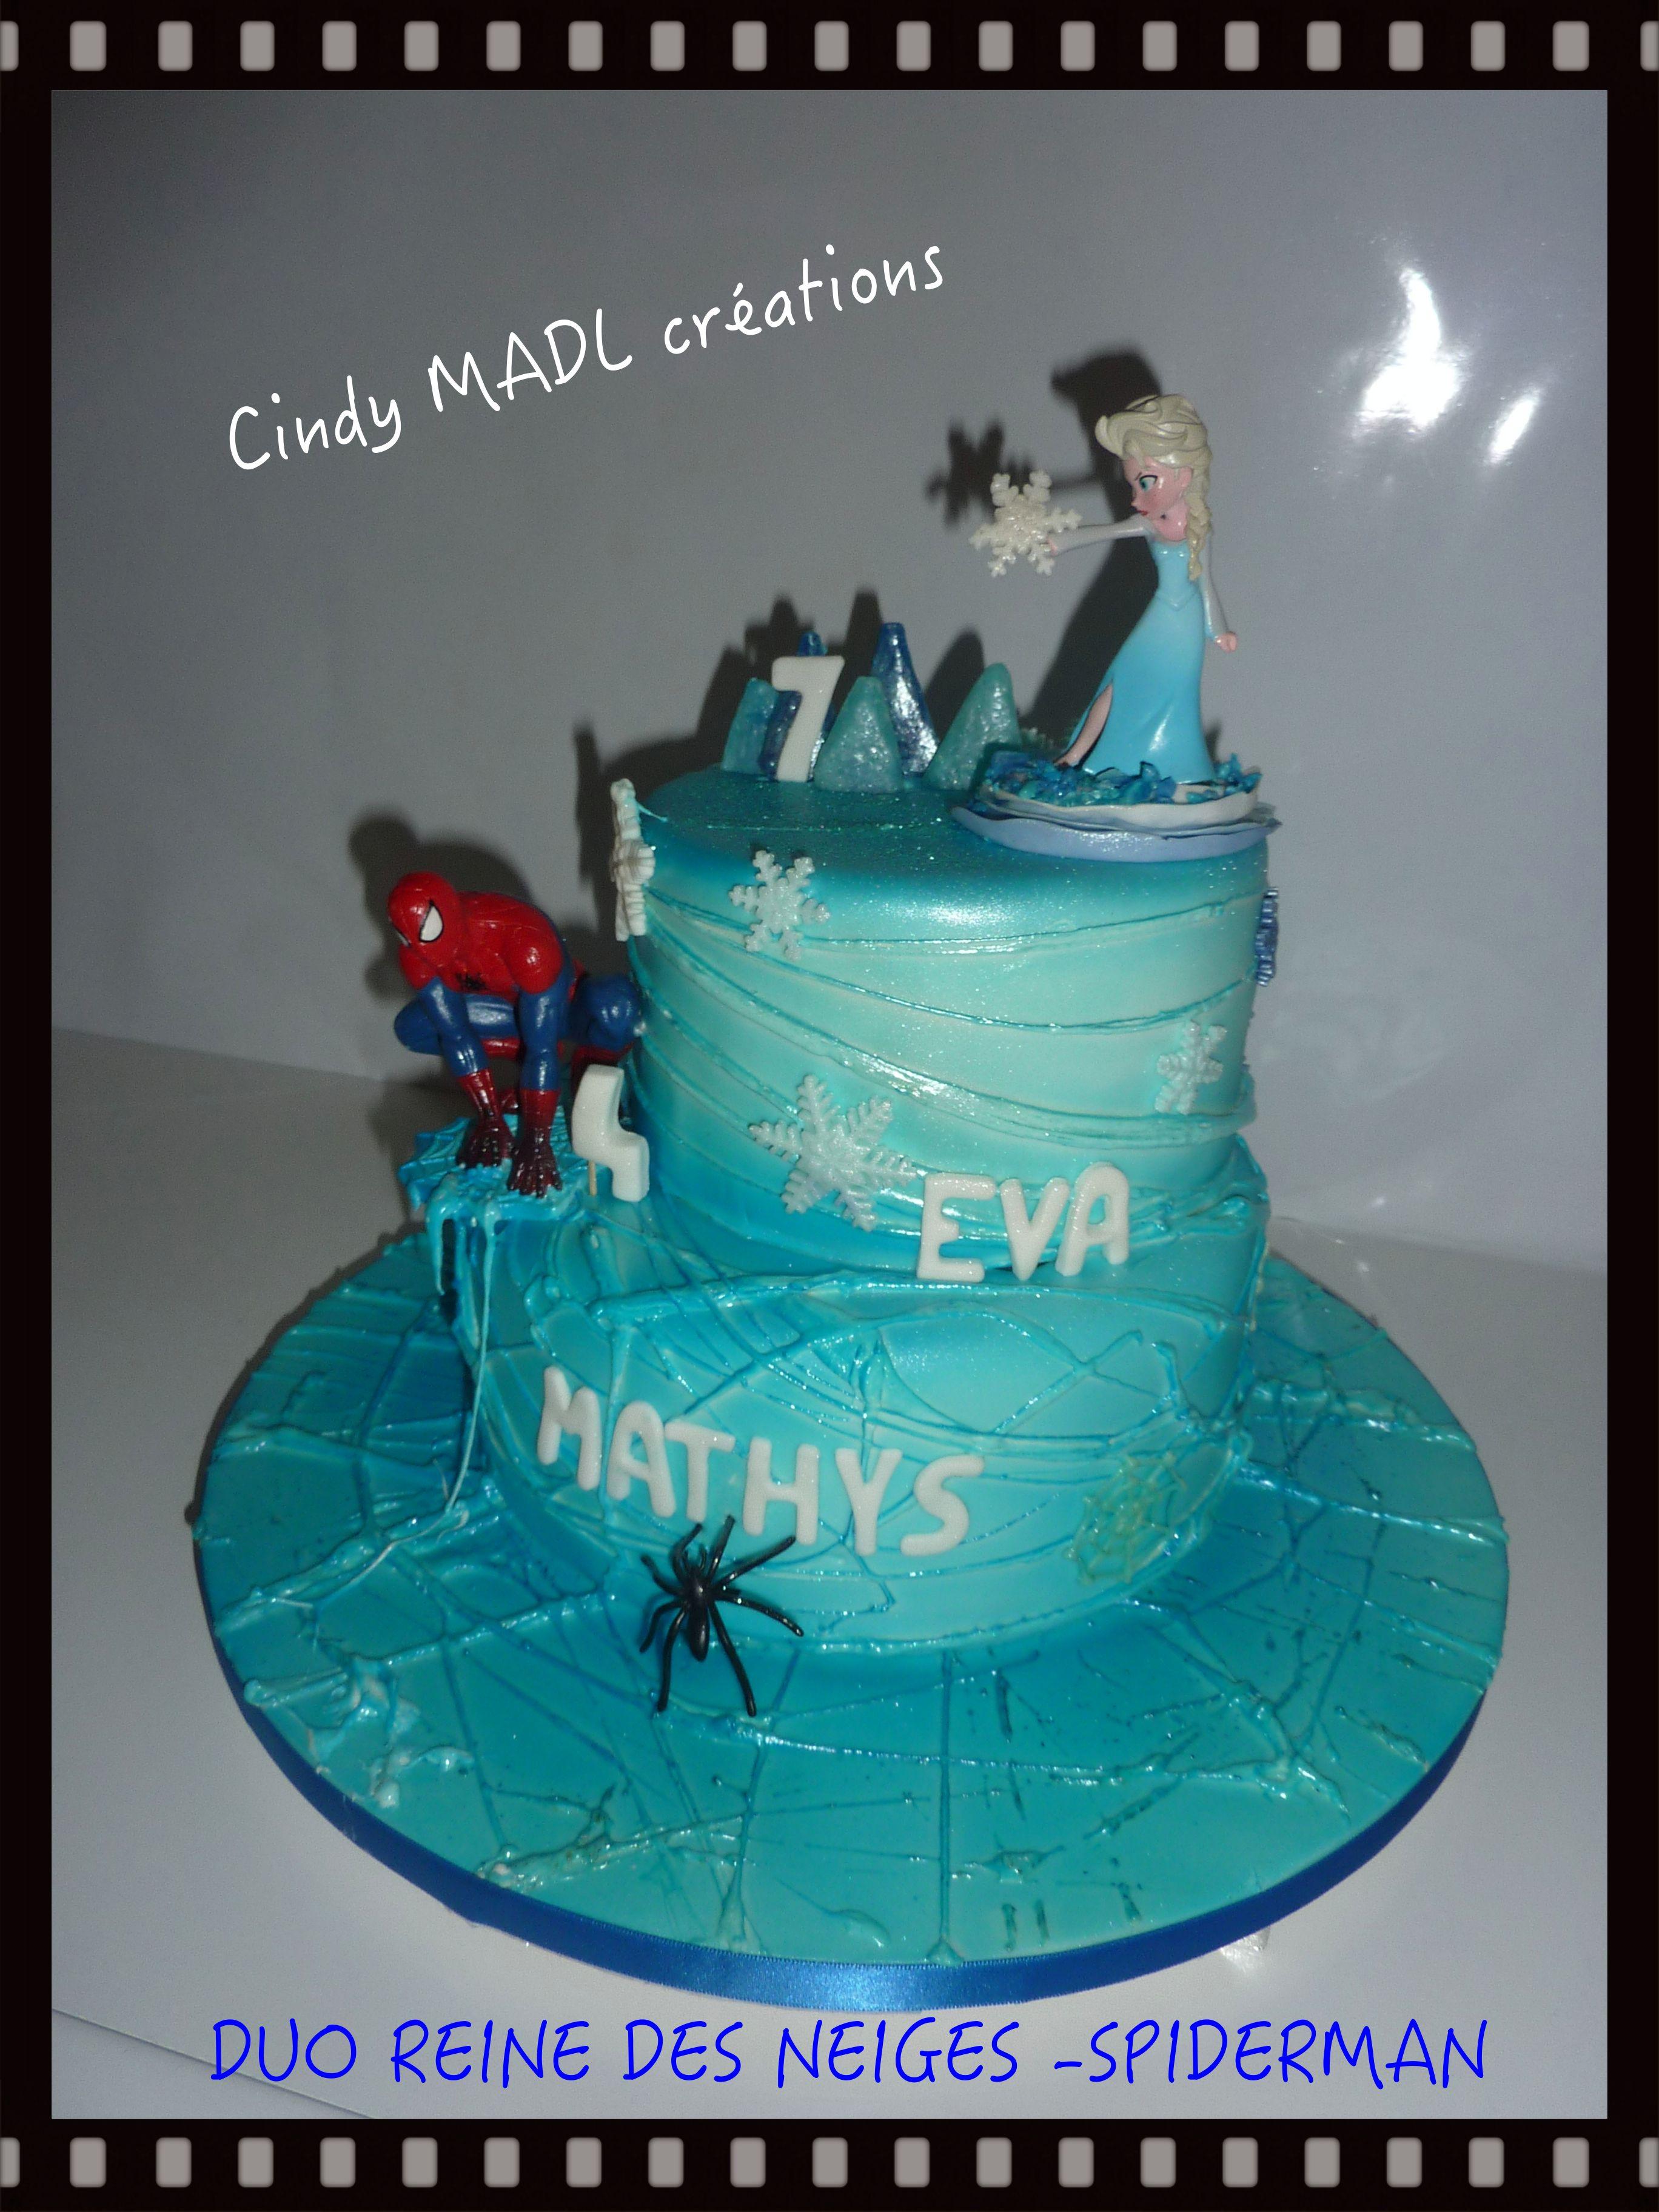 Spider Man Et La Reine De Neige : spider, reine, neige, Mixte, Reine, Neiges, Spiderman, Desserts,, Cake,